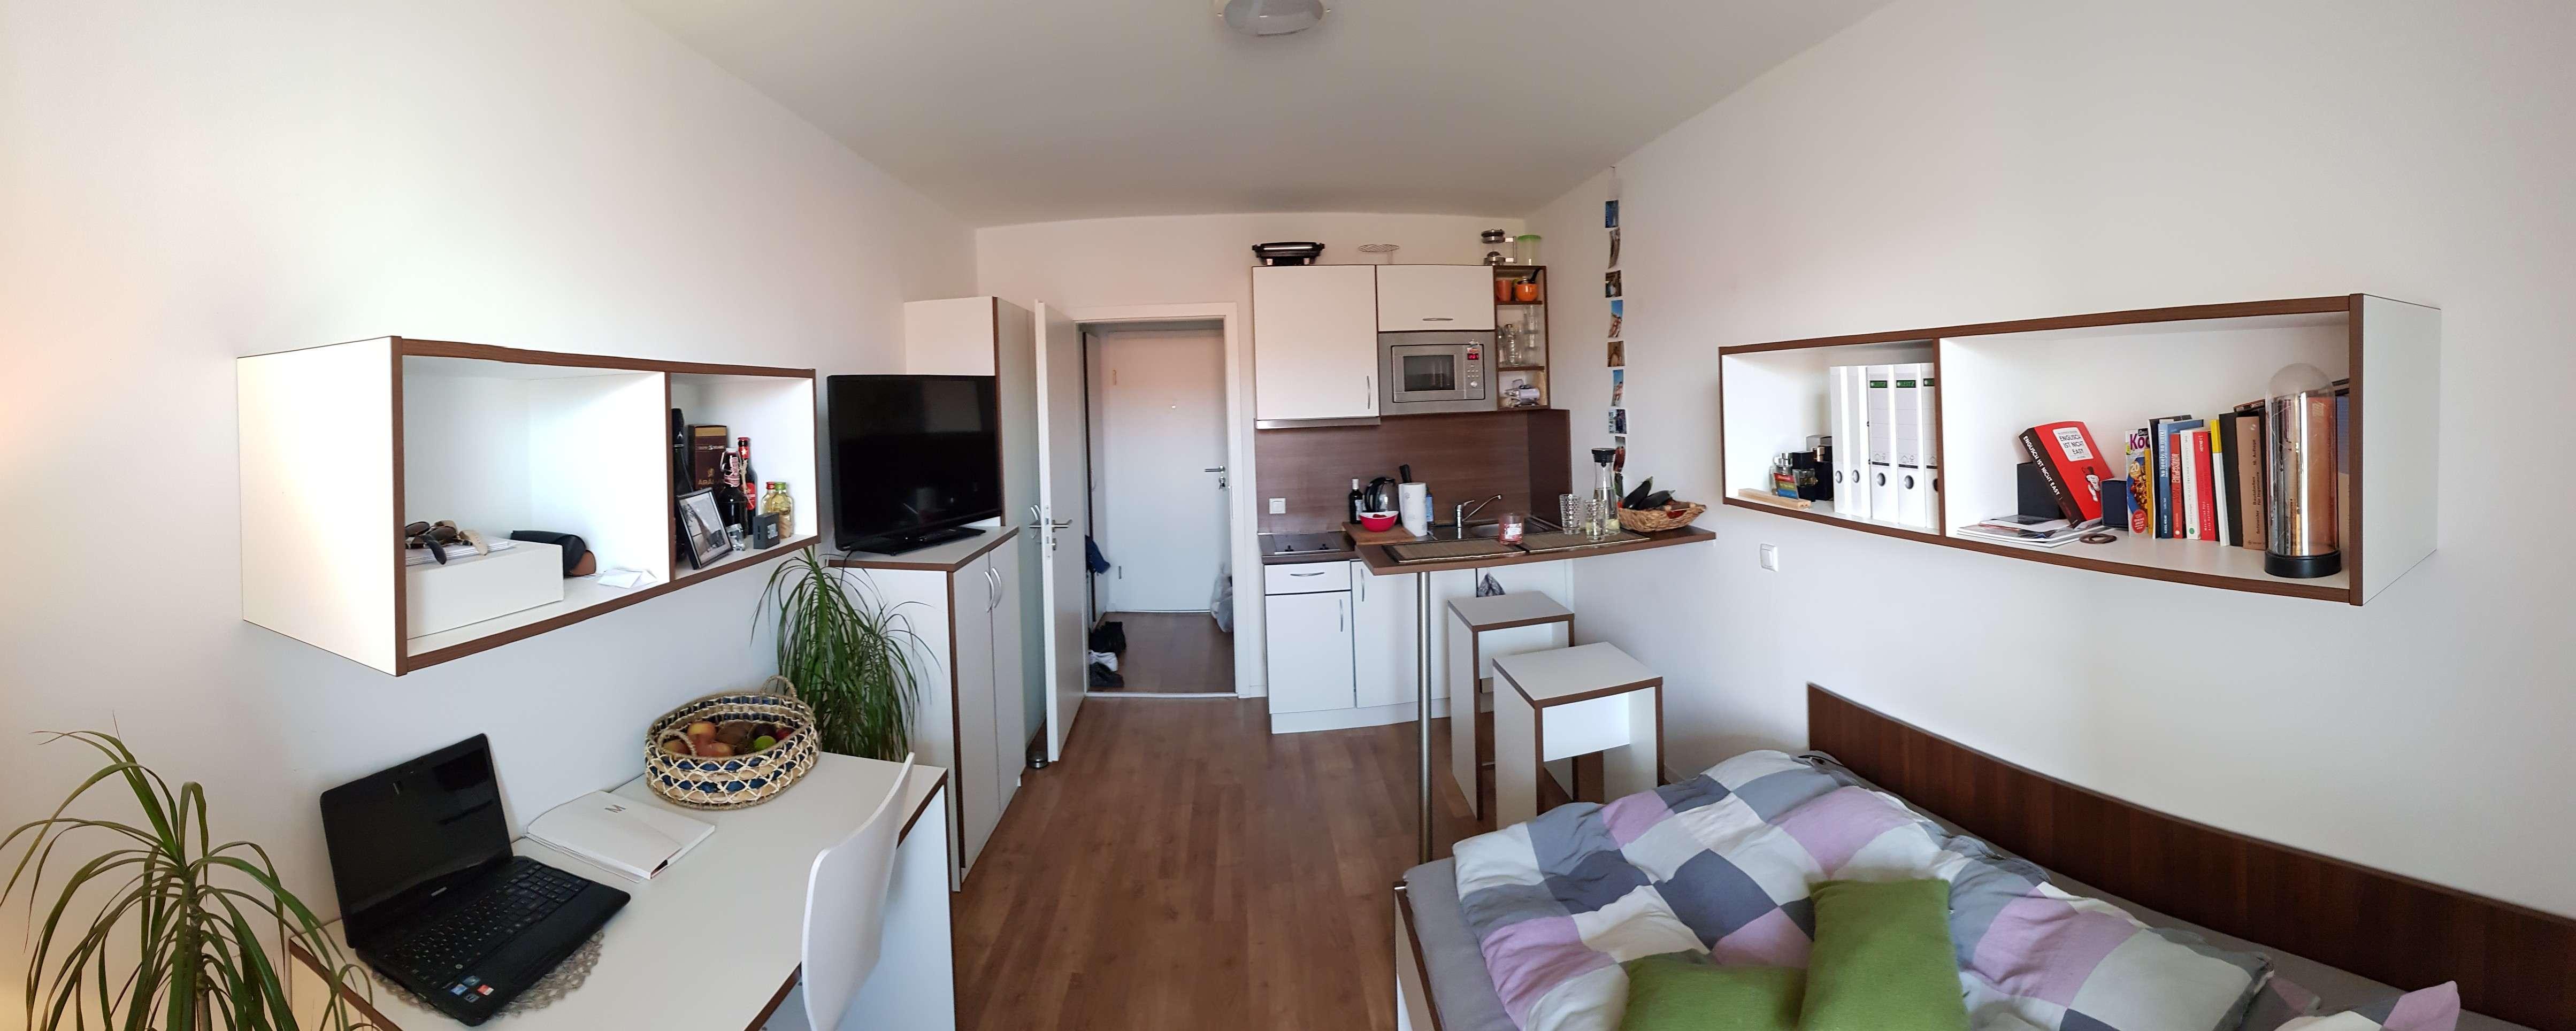 Exklusive, neuwertige 1-Zimmer-Wohnung mit Balkon und EBK in Milbertshofen, München in Milbertshofen (München)